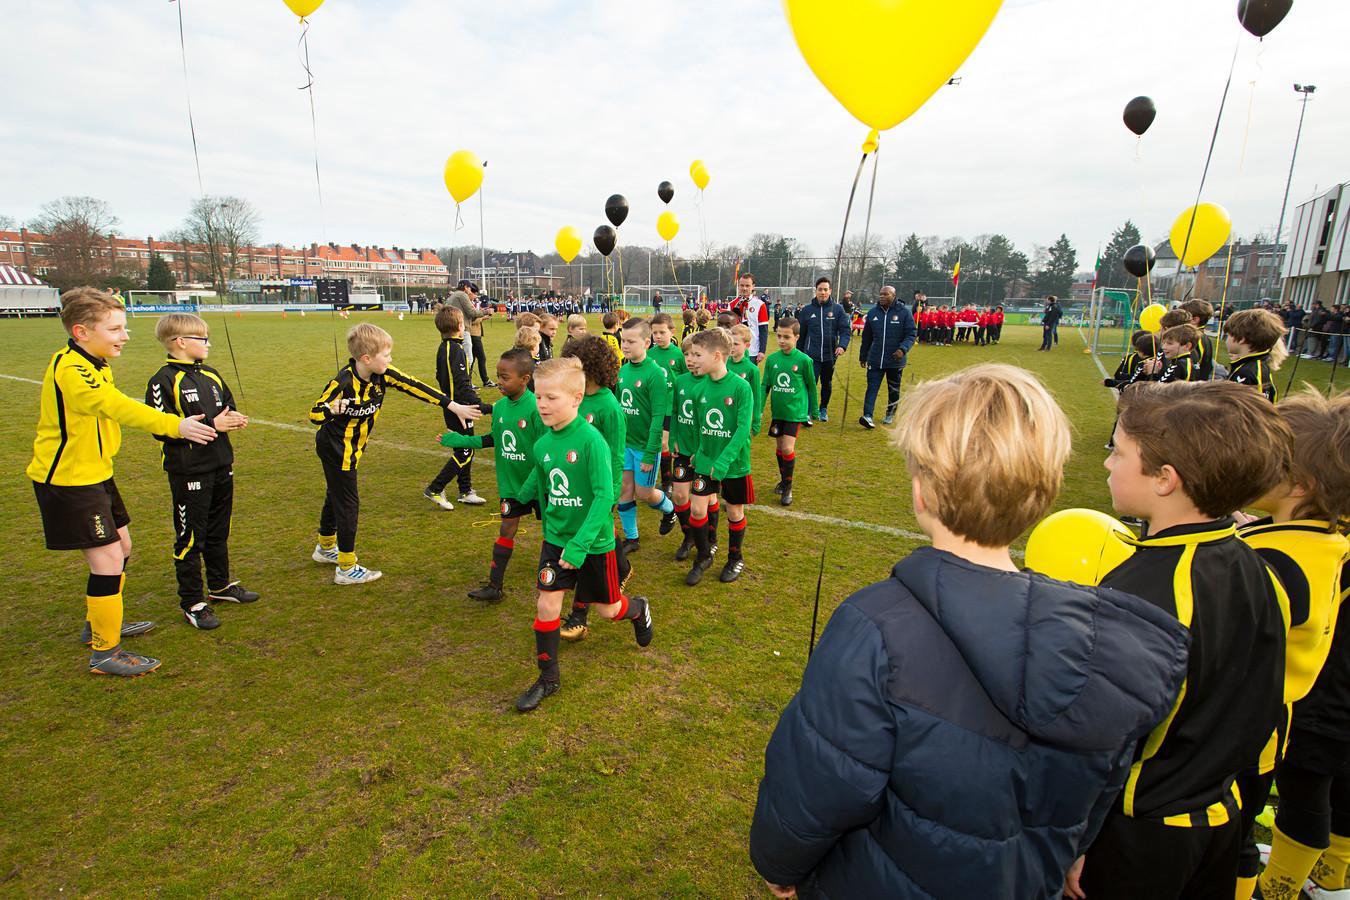 Sterrentoernooi bij HVV in Den Haag. HVV begroet Feyenoord bij de opening.